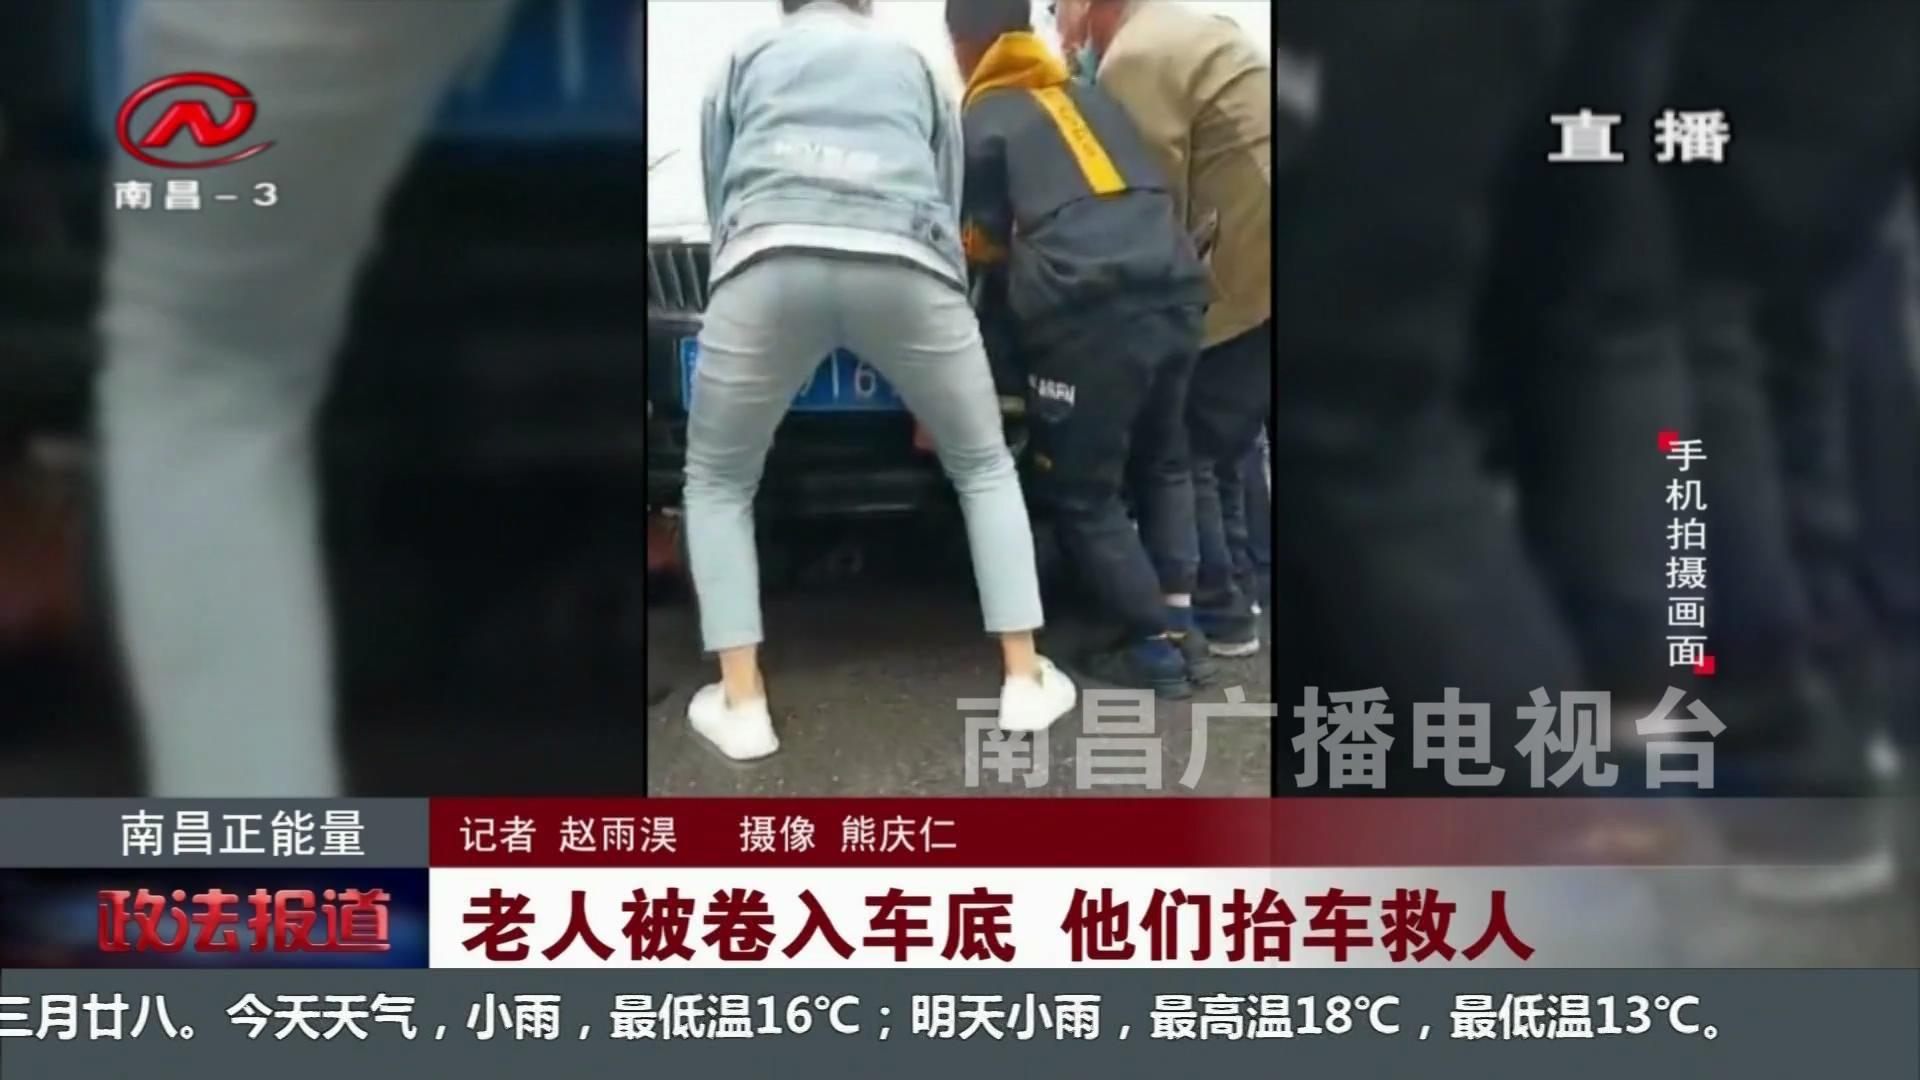 老人被卷入车底 他们抬车救人